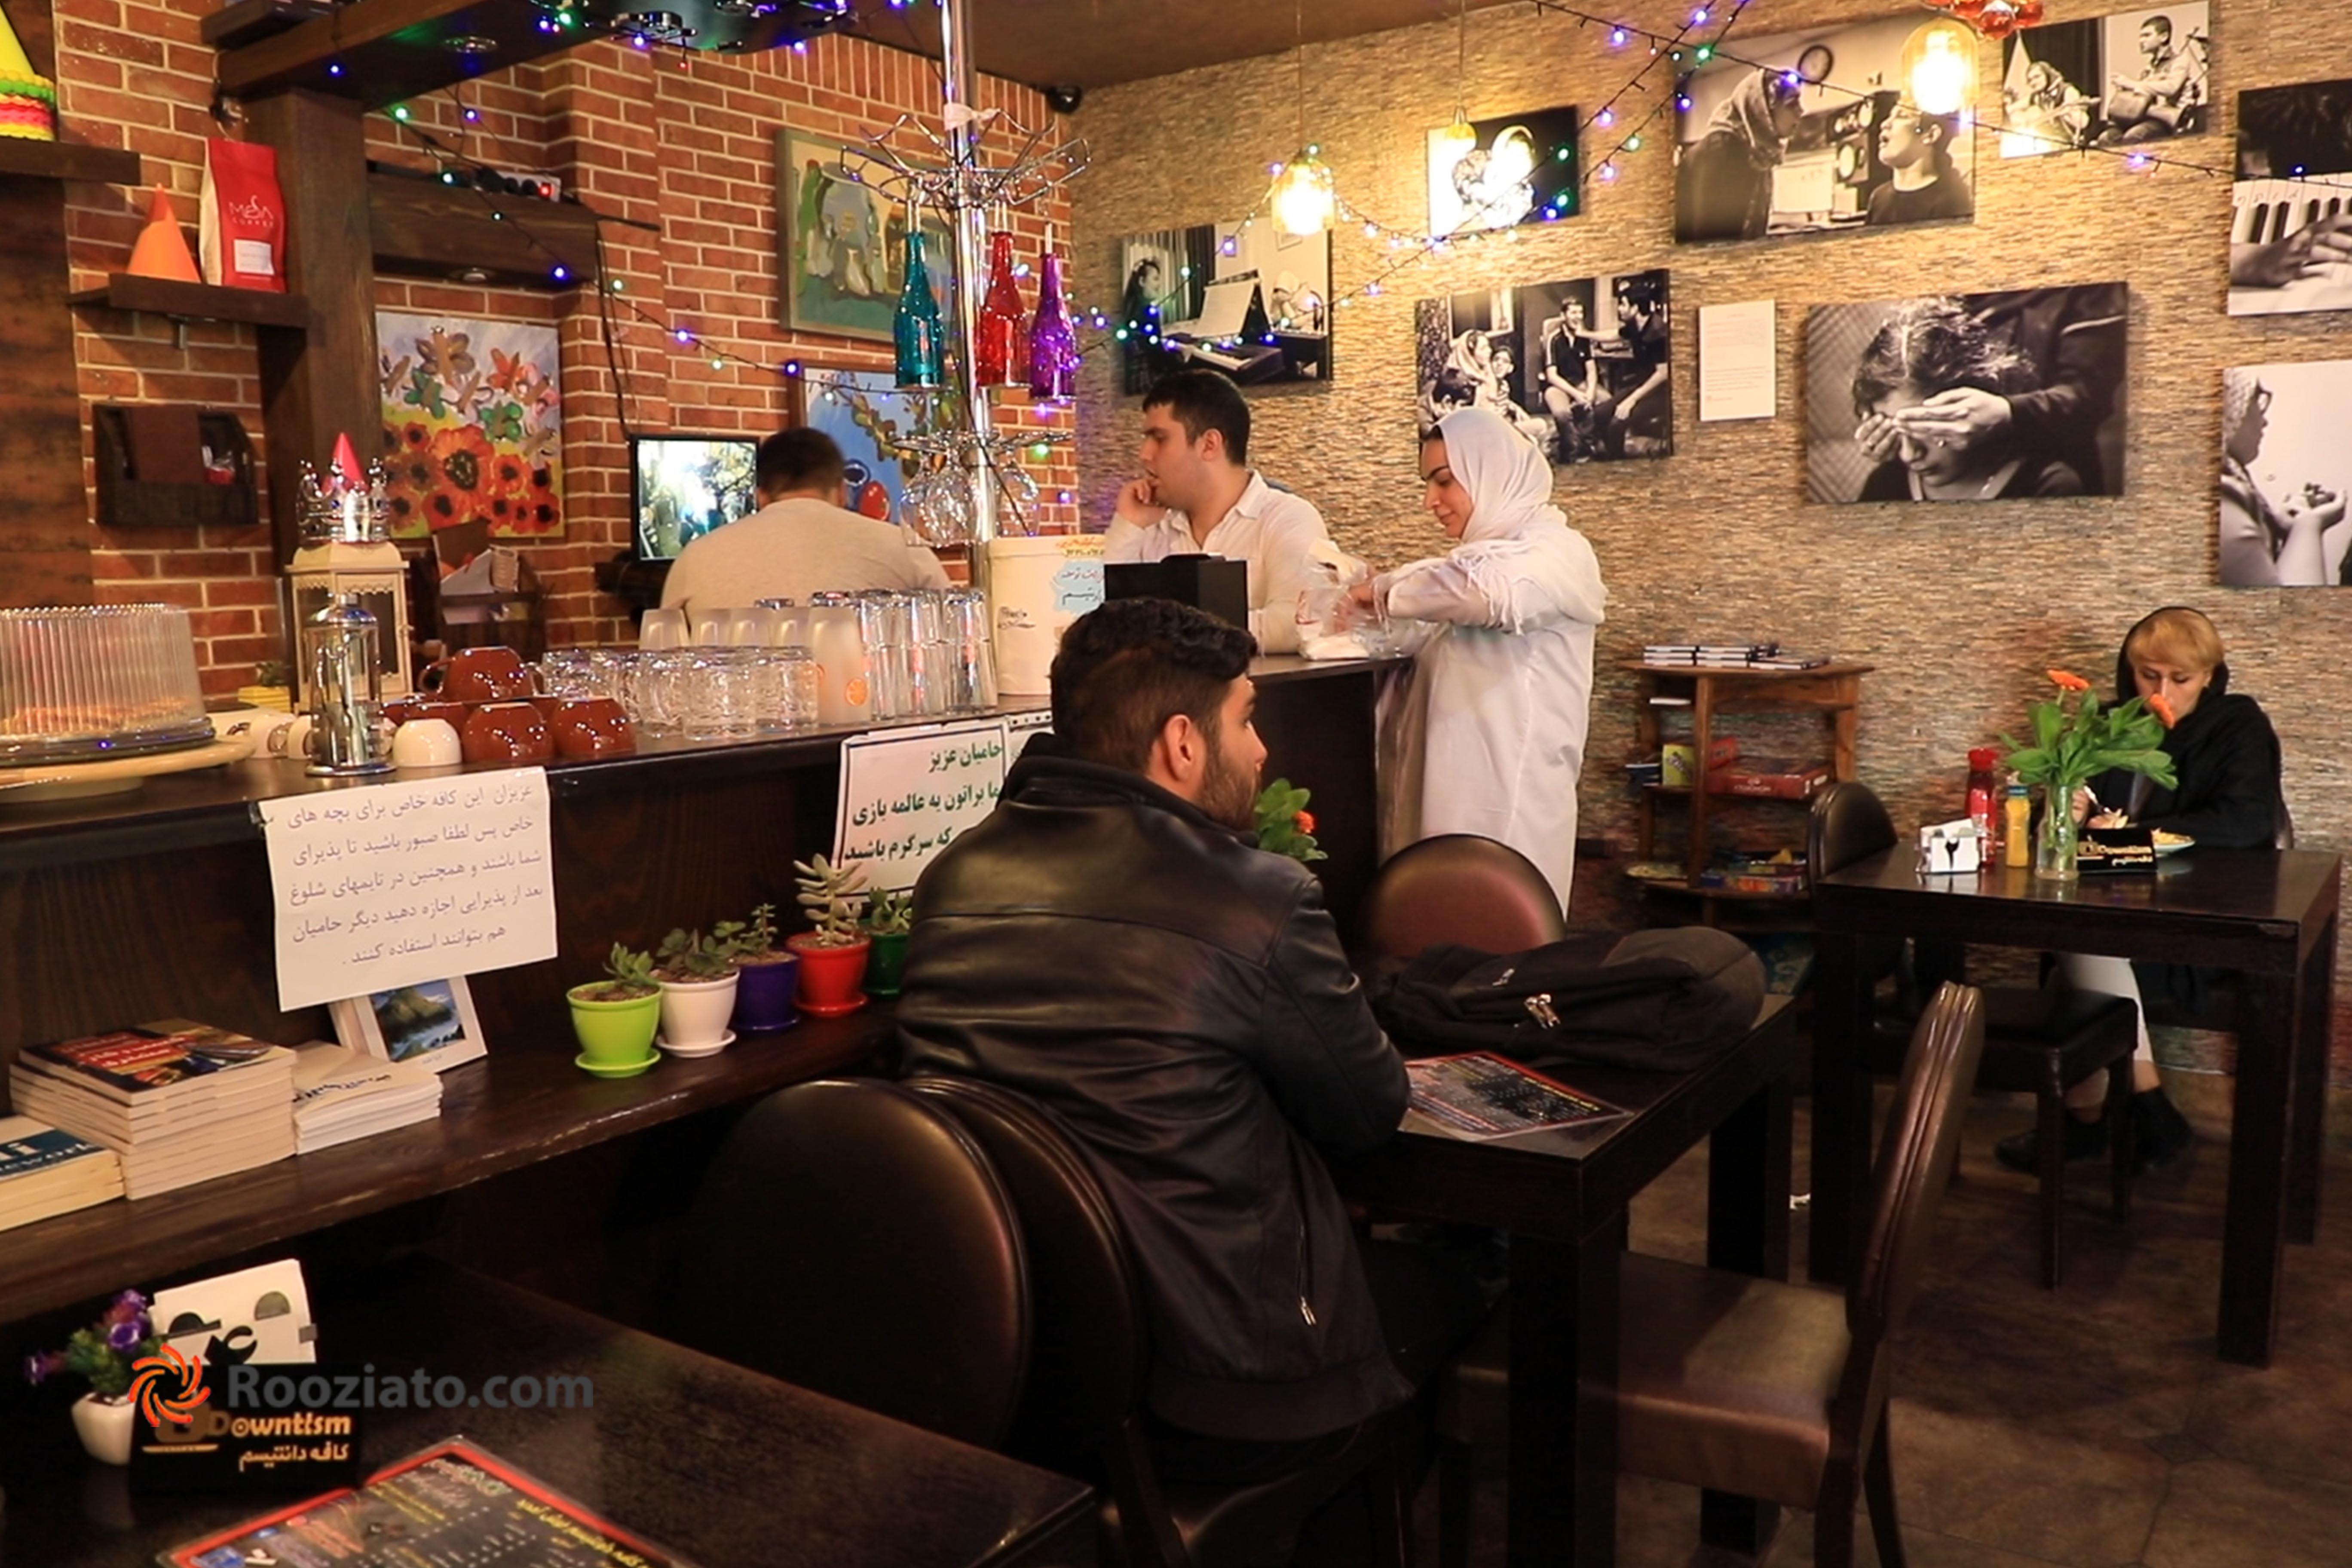 گزارش ویدئویی روزیاتو از کافه دانتیسم